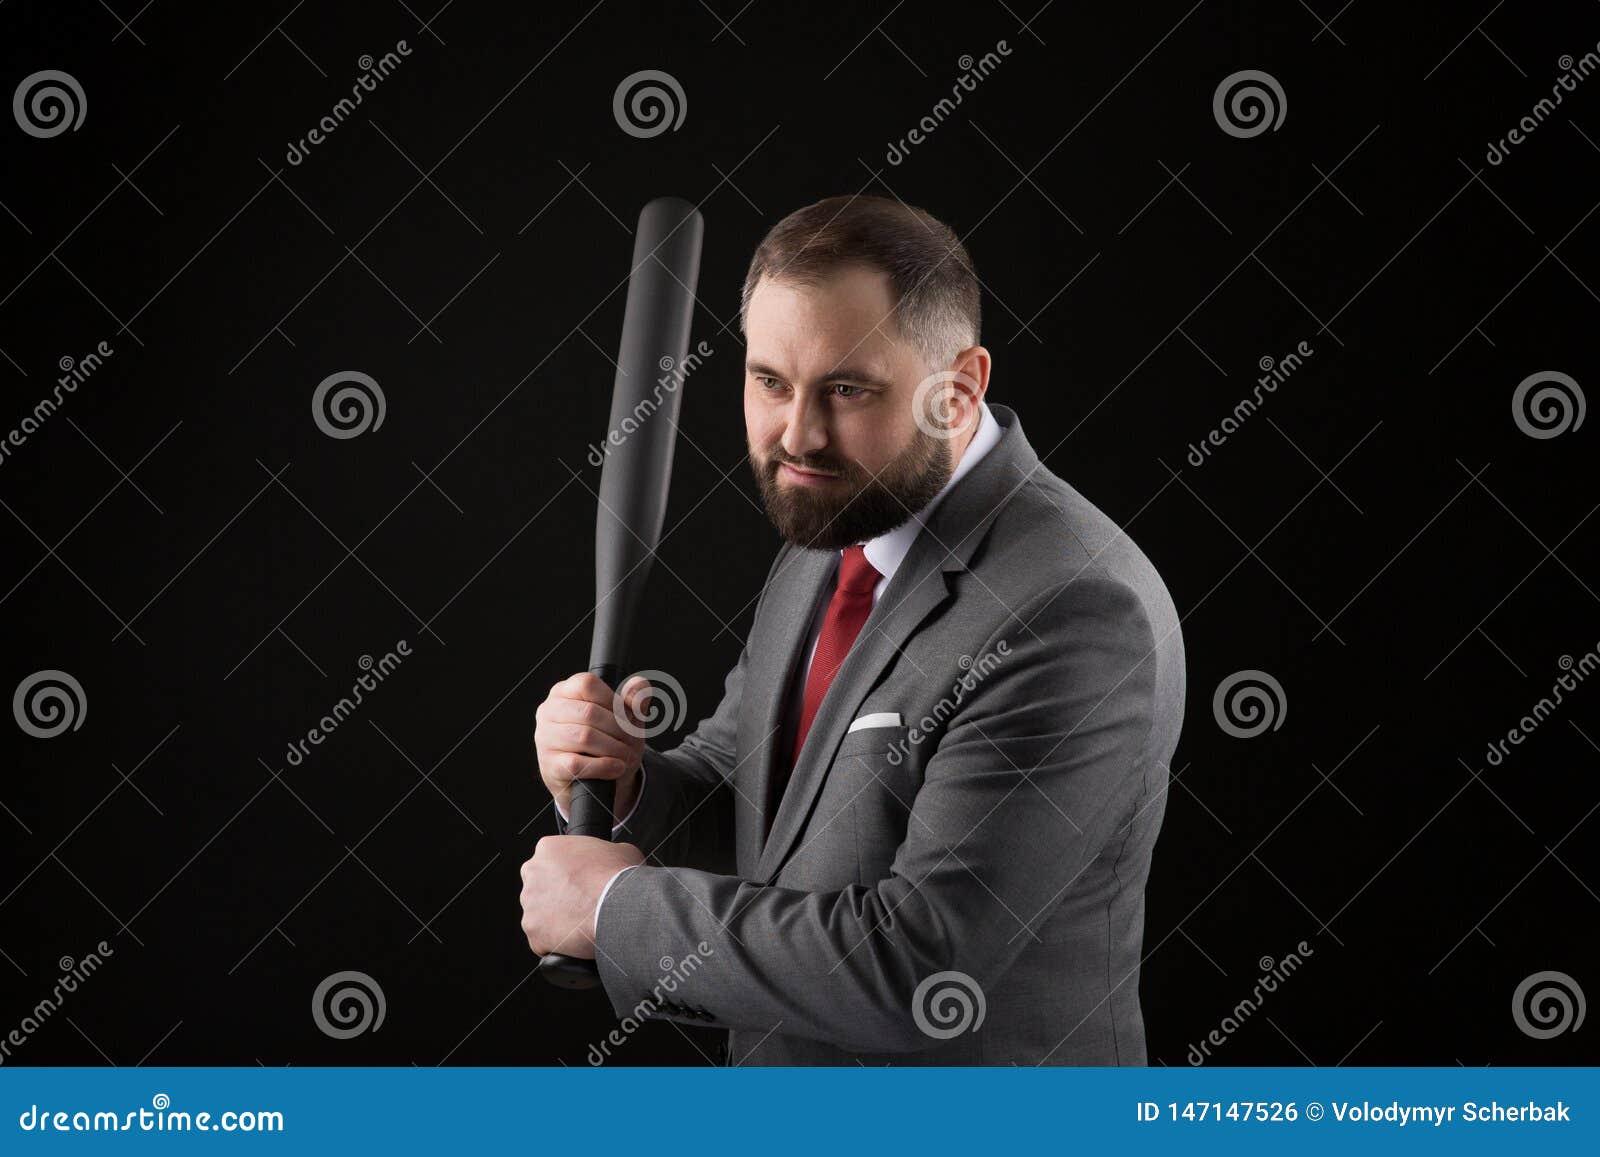 Γενειοφόρο άτομο στο κοστούμι και κόκκινος δεσμός με το ρόπαλο του μπέιζμπολ